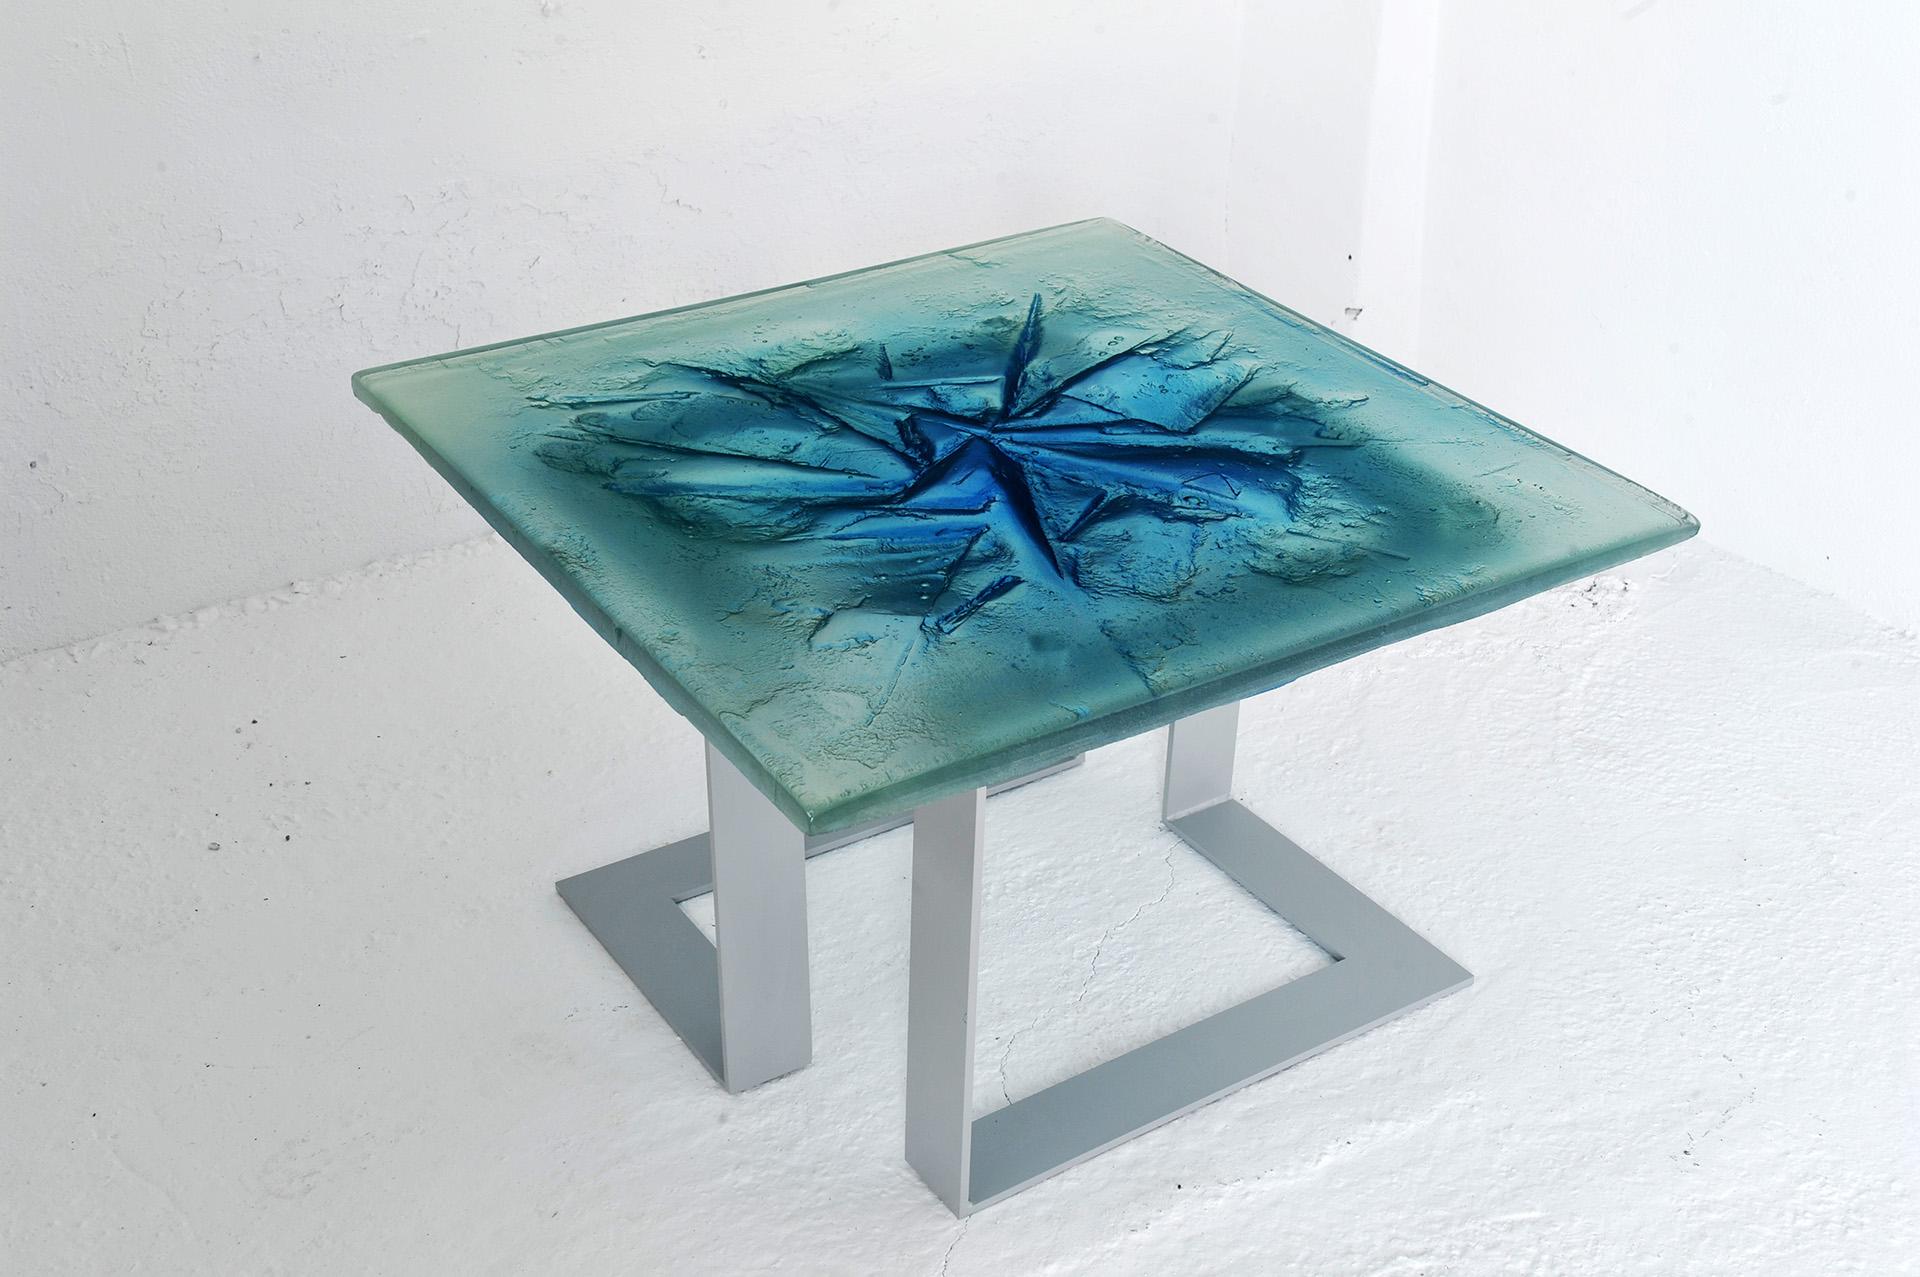 Archiglass Applied Arts Glass Table Stolik Szklany Kra Niebieski Szary 80x80